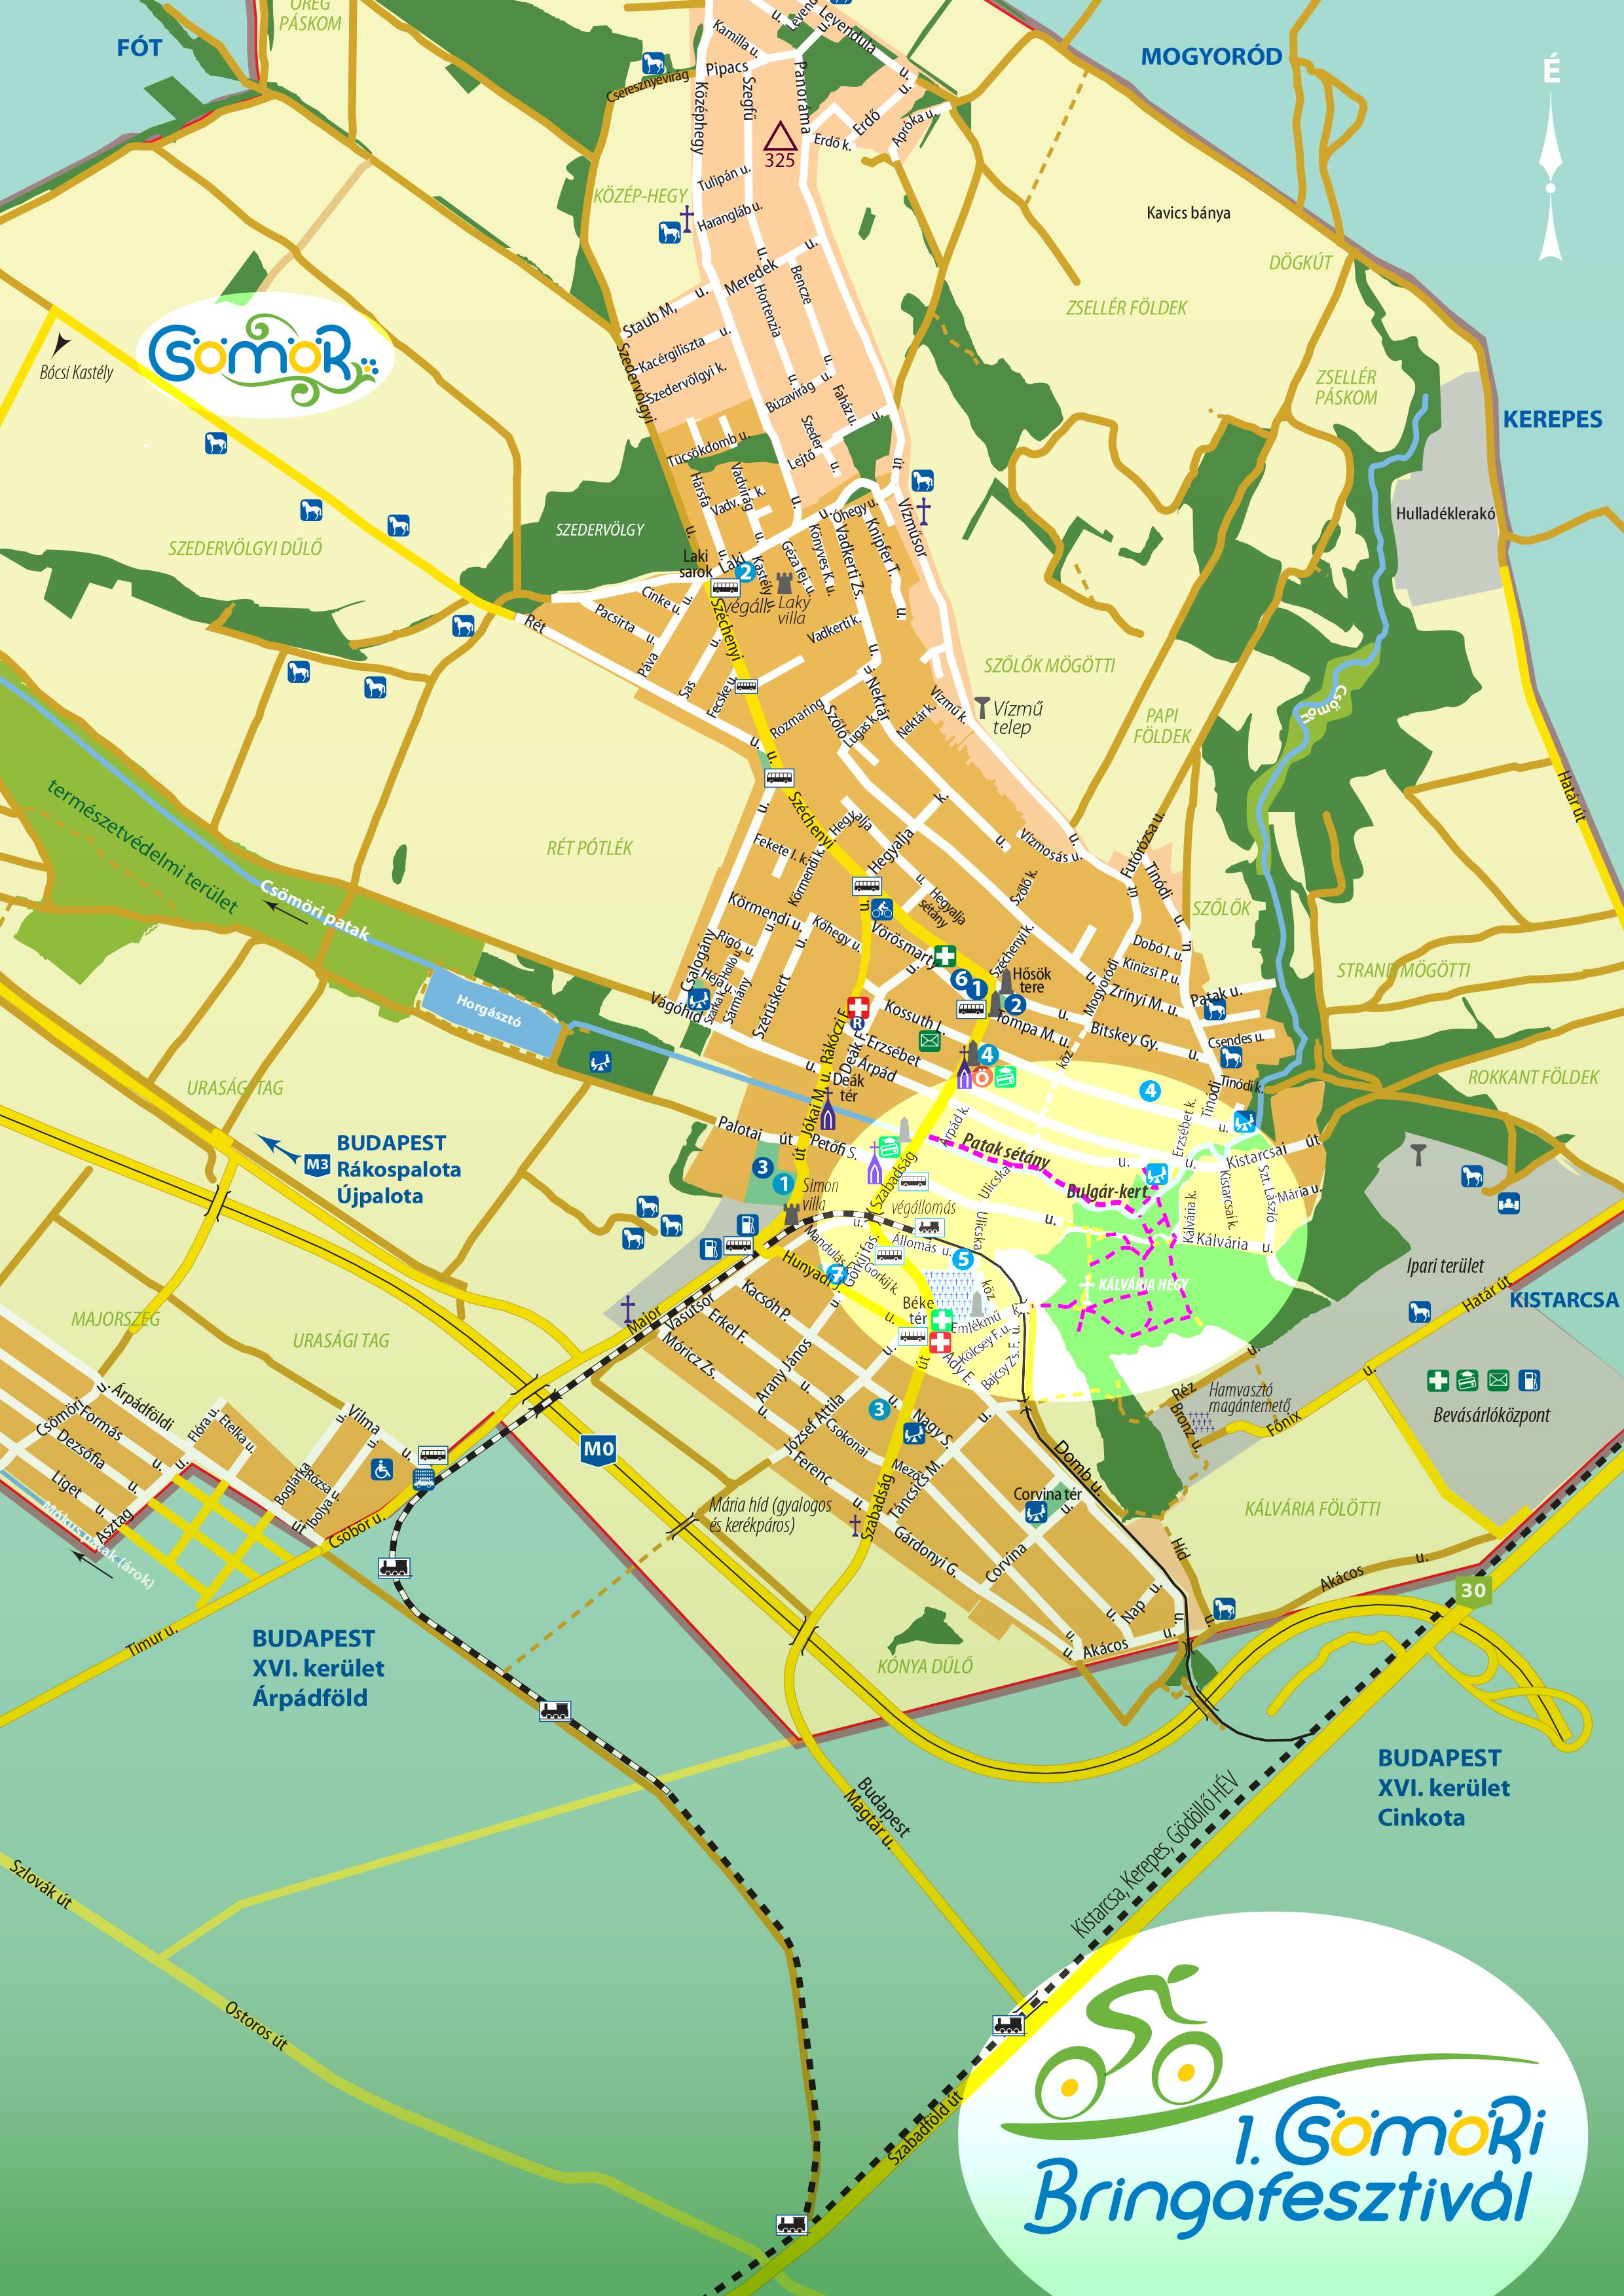 csömör térkép Bringafesztivál   térkép a helyszínről | CsömörSport csömör térkép